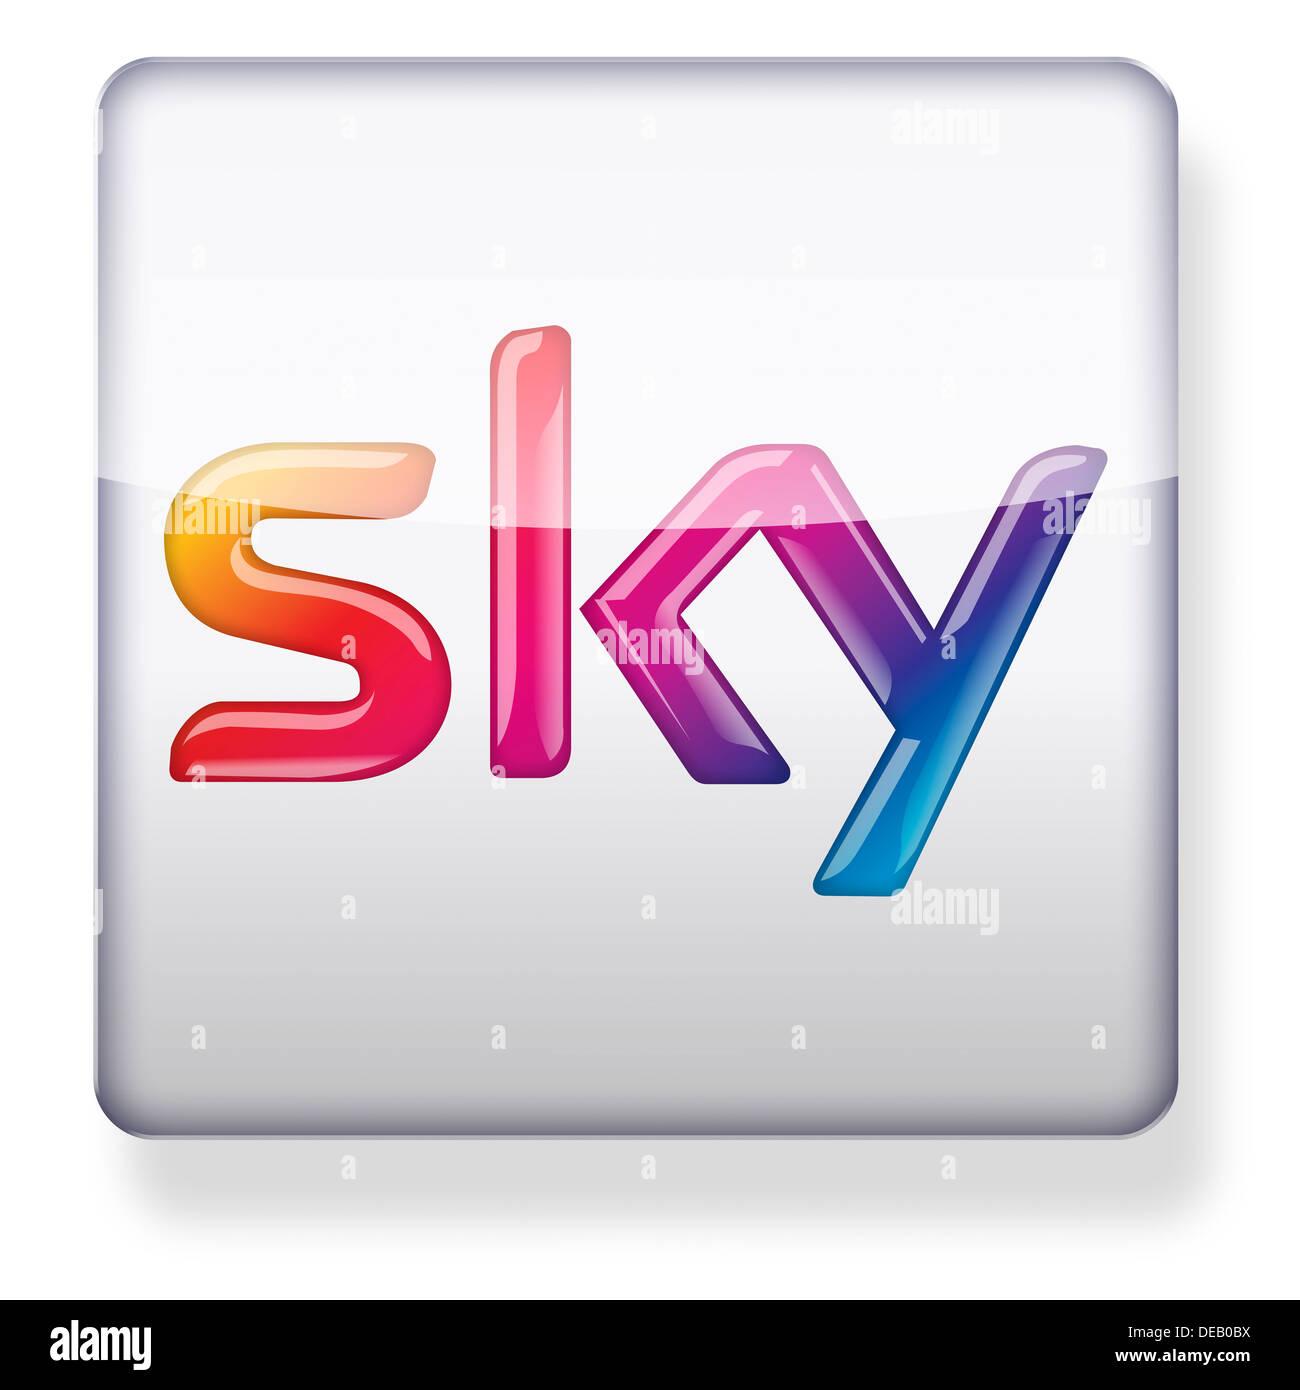 Sky App Tv